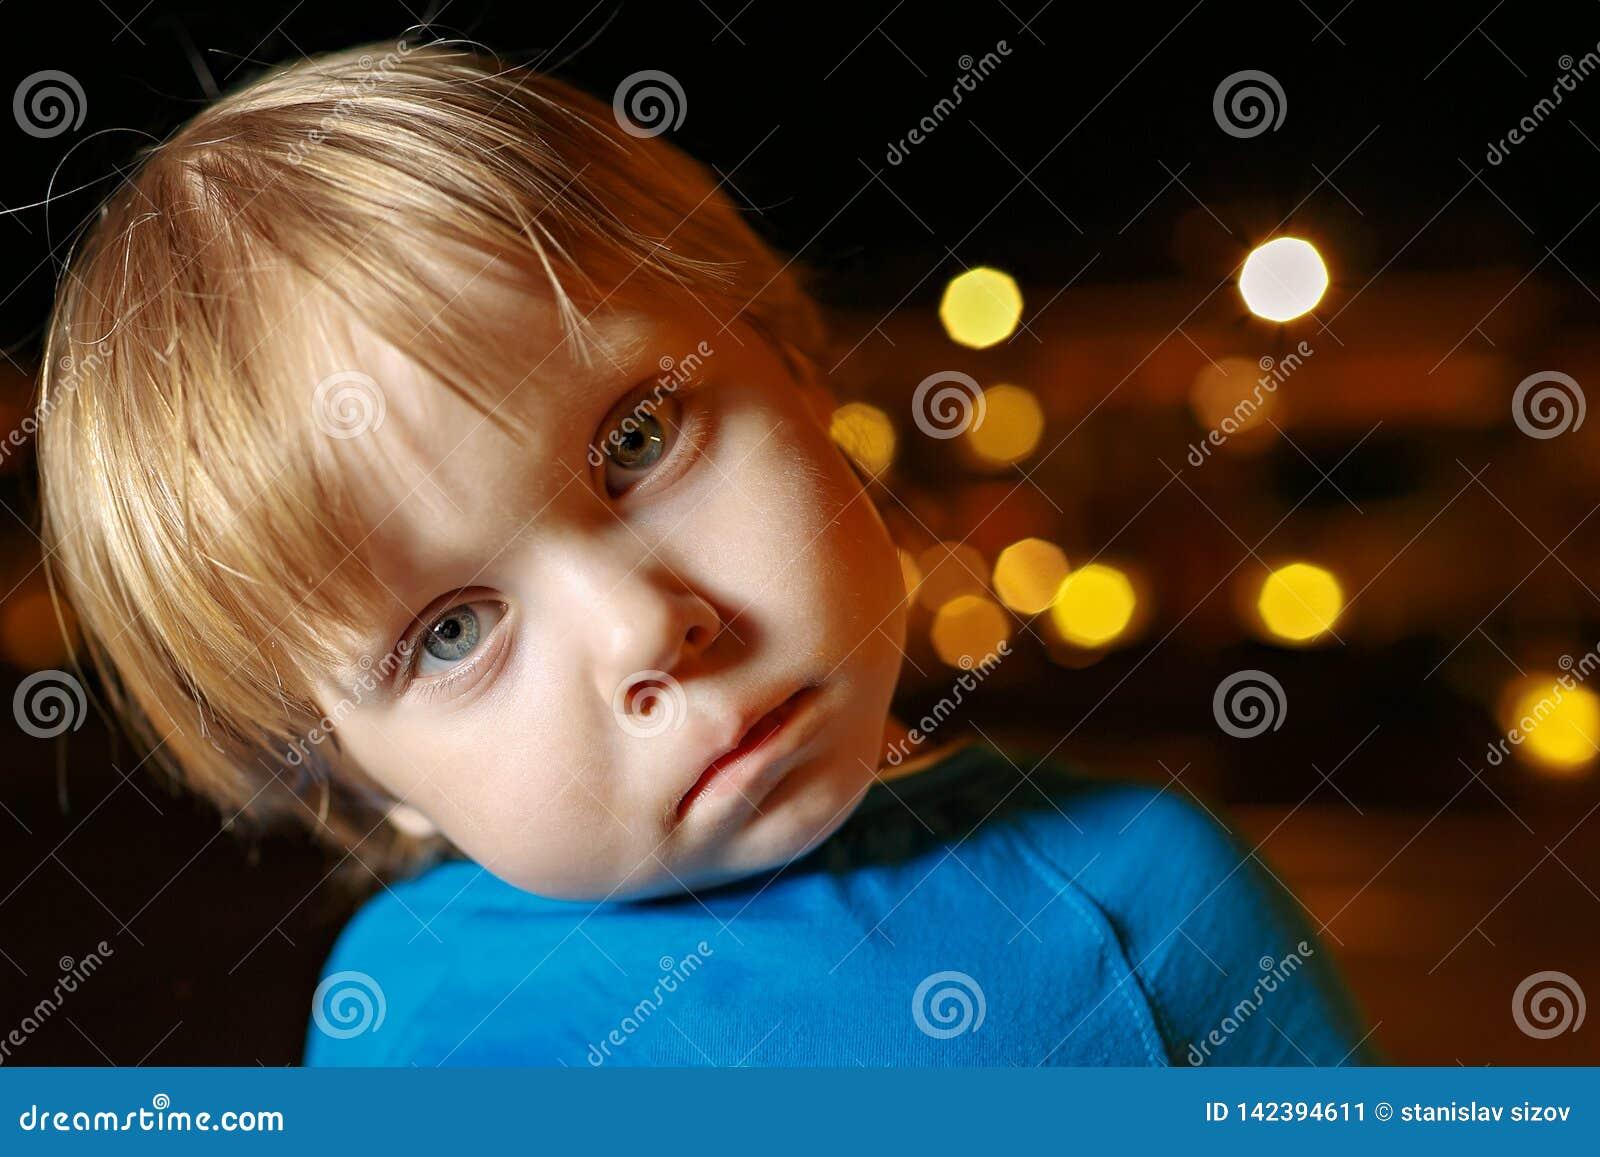 Small fair hair toddler boy in airplane